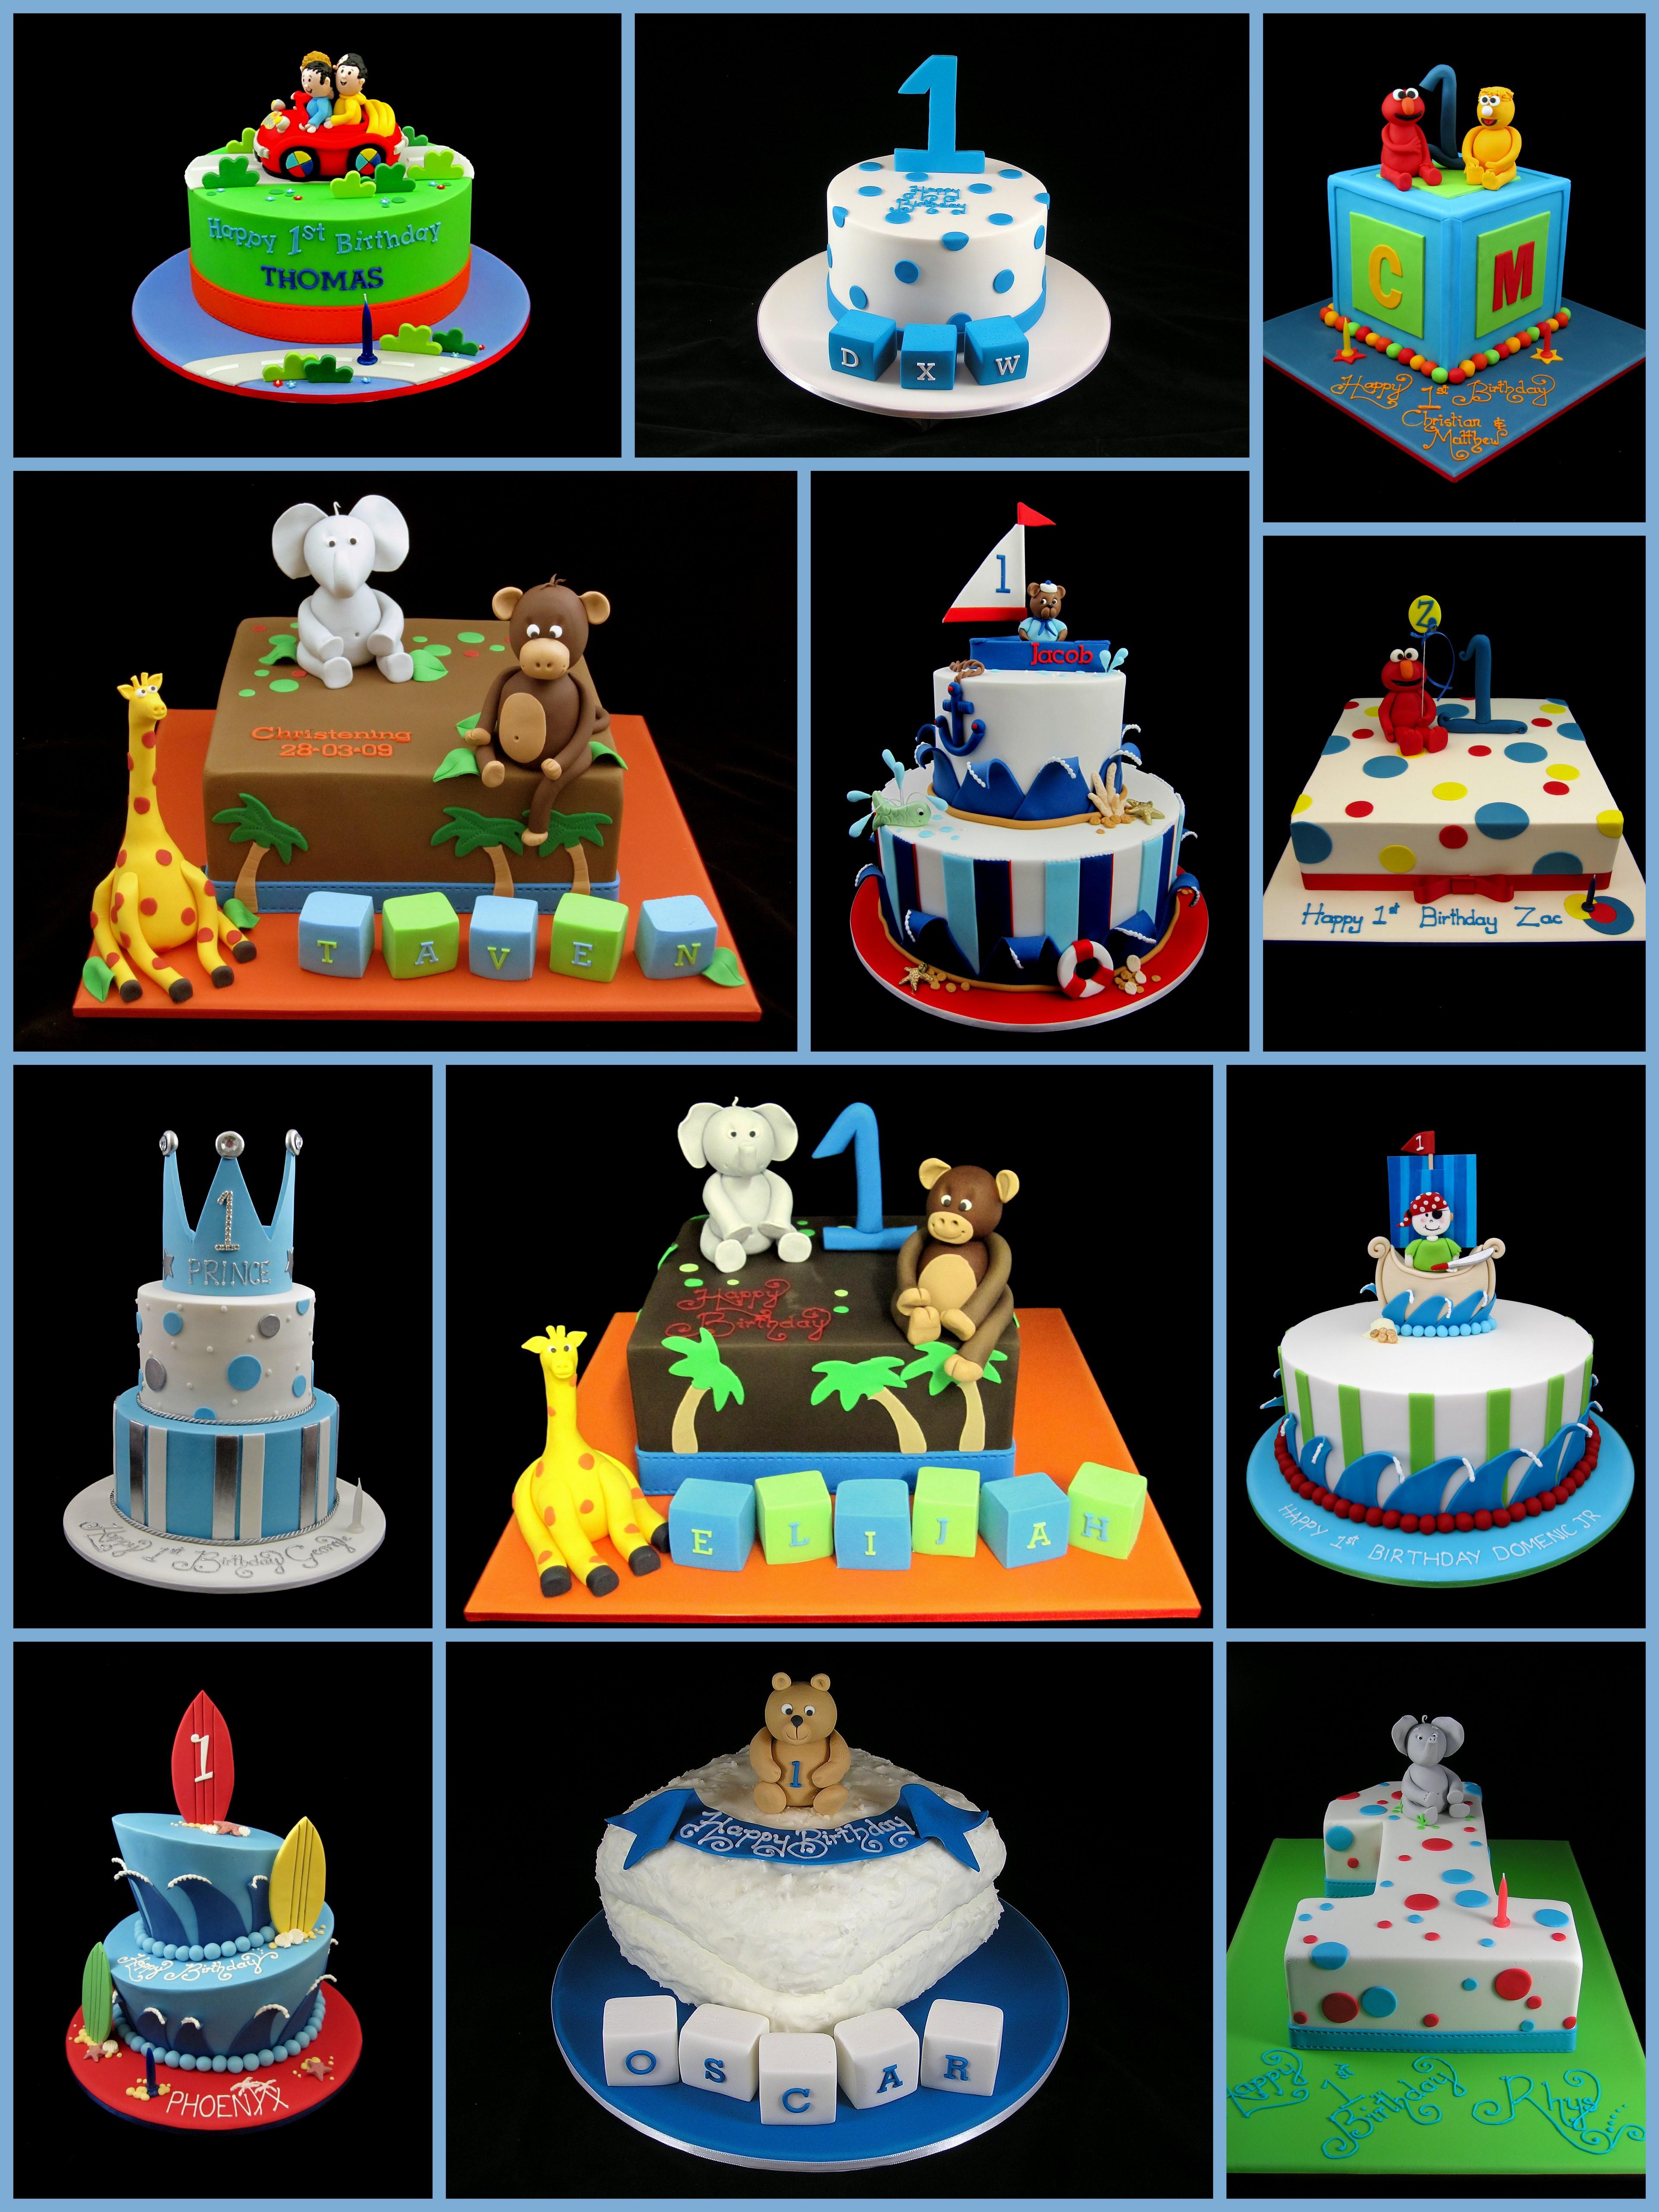 Marvelous 11 Boys First Birthday Theme Cakes Photo Boys Birthday Cake Funny Birthday Cards Online Kookostrdamsfinfo